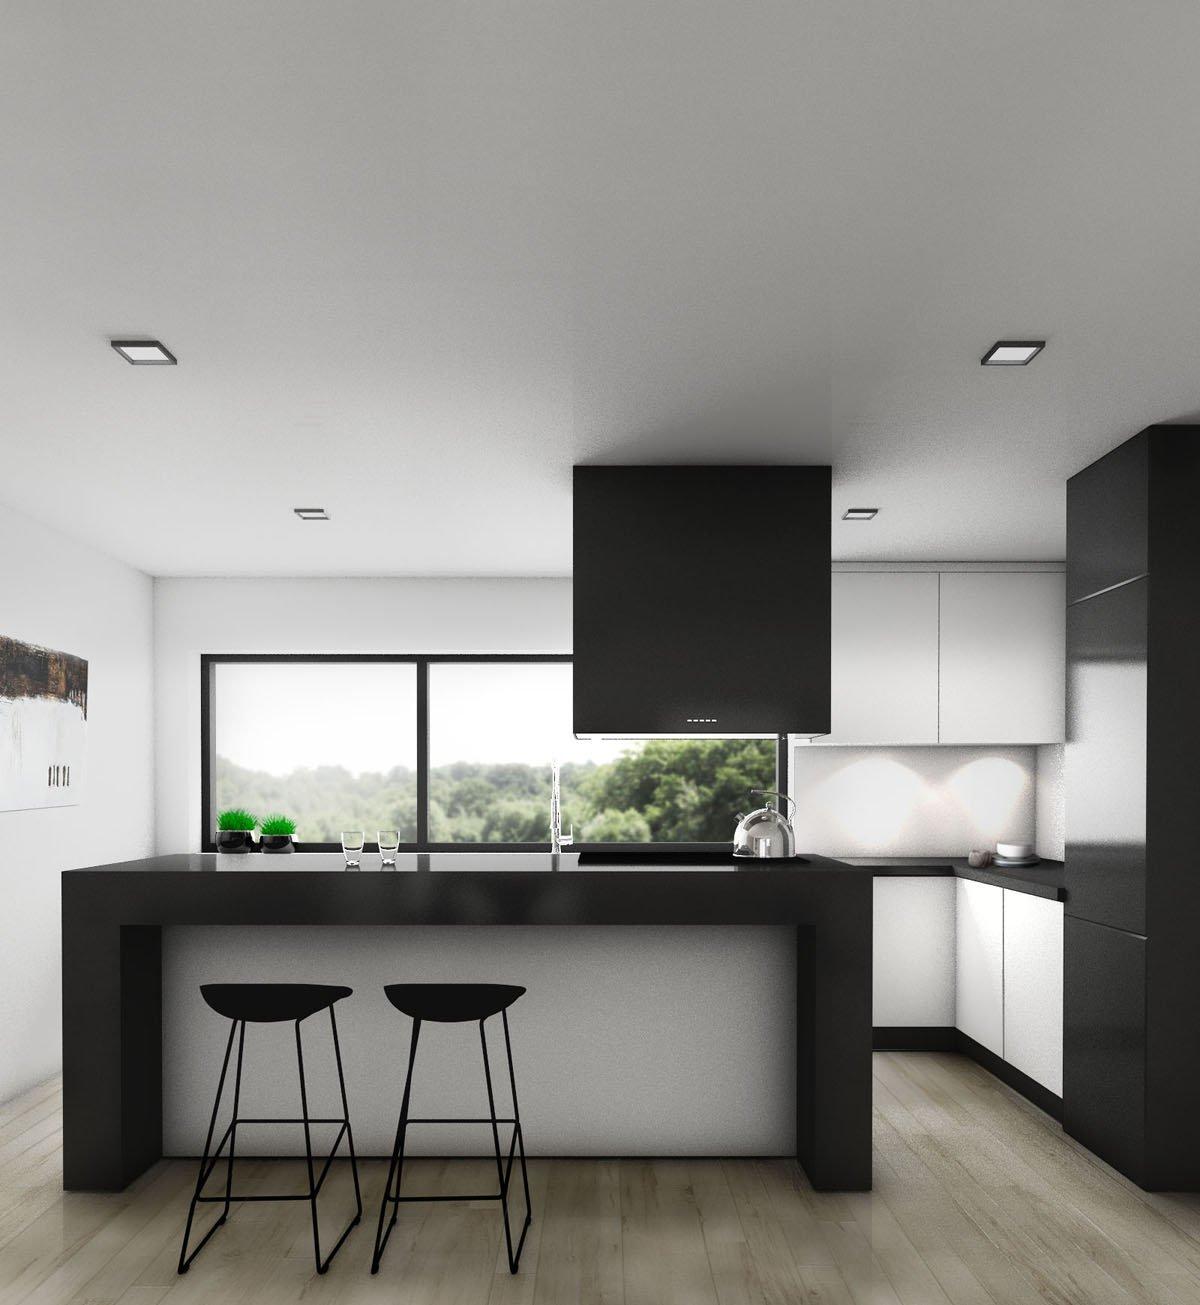 kuchnia design